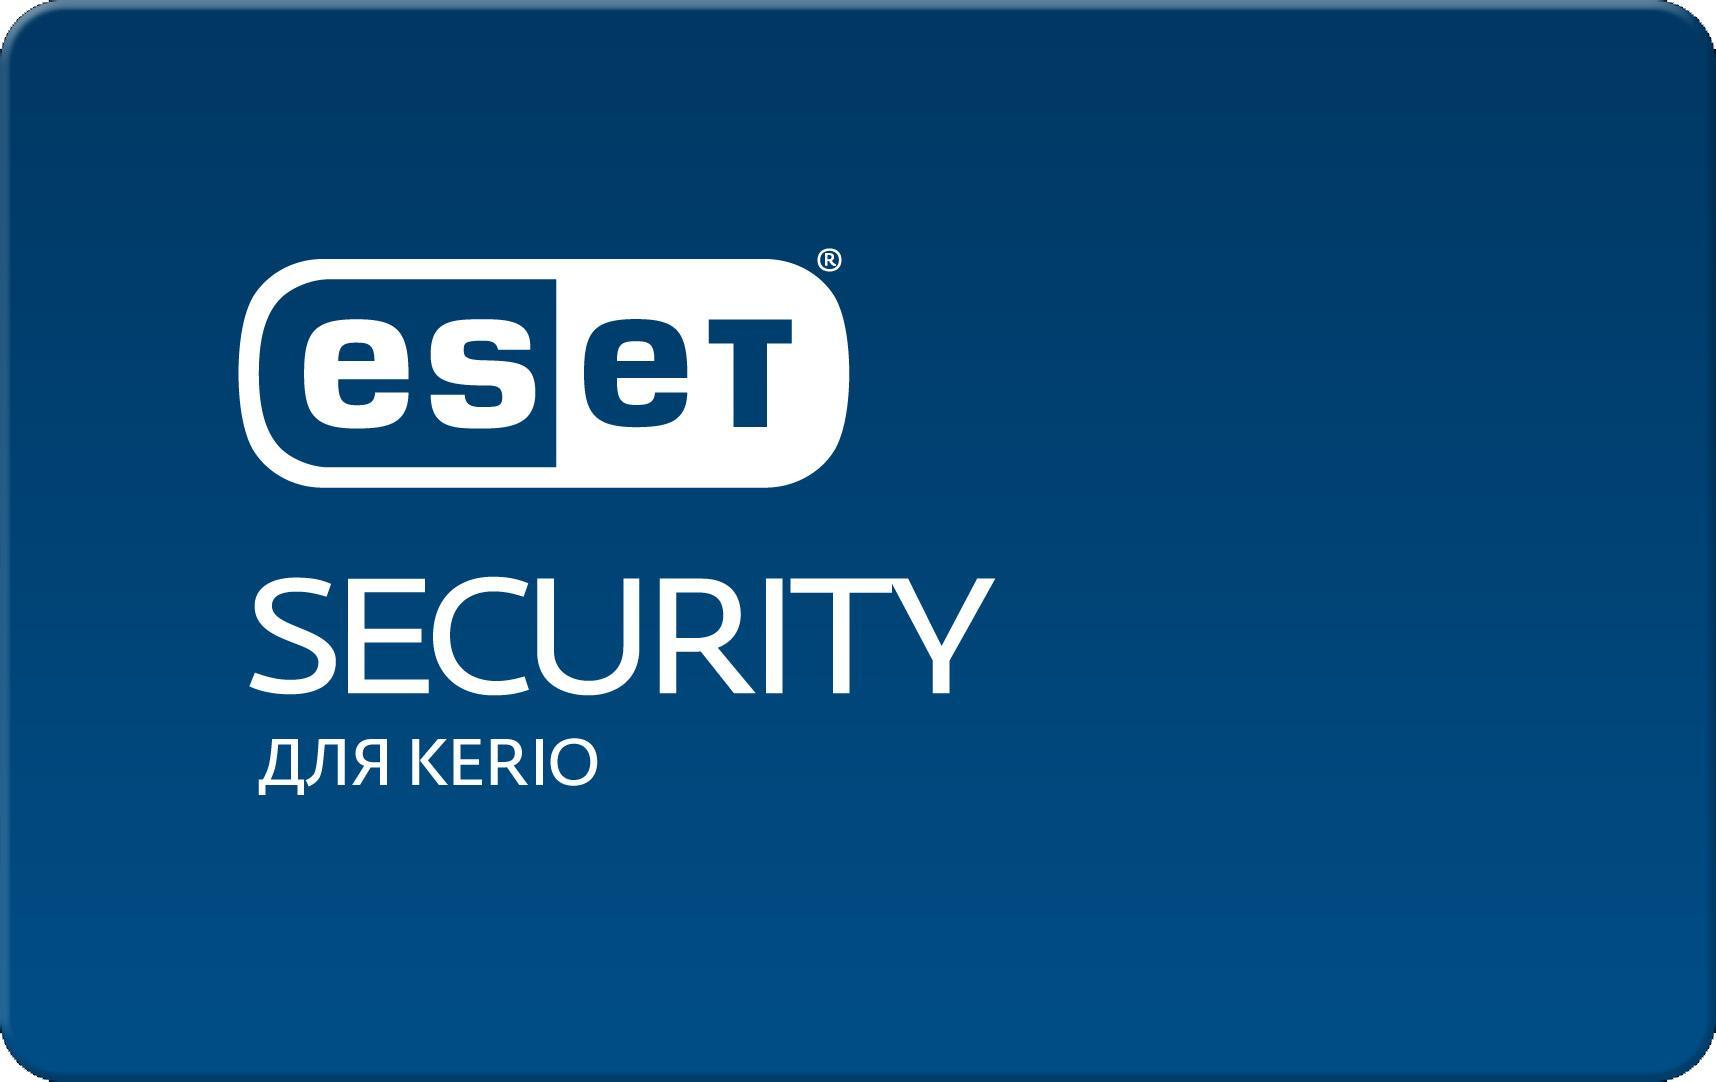 Защита почтовых серверов и интернет-шлюзов Eset Security для Kerio  для 10 пользователей